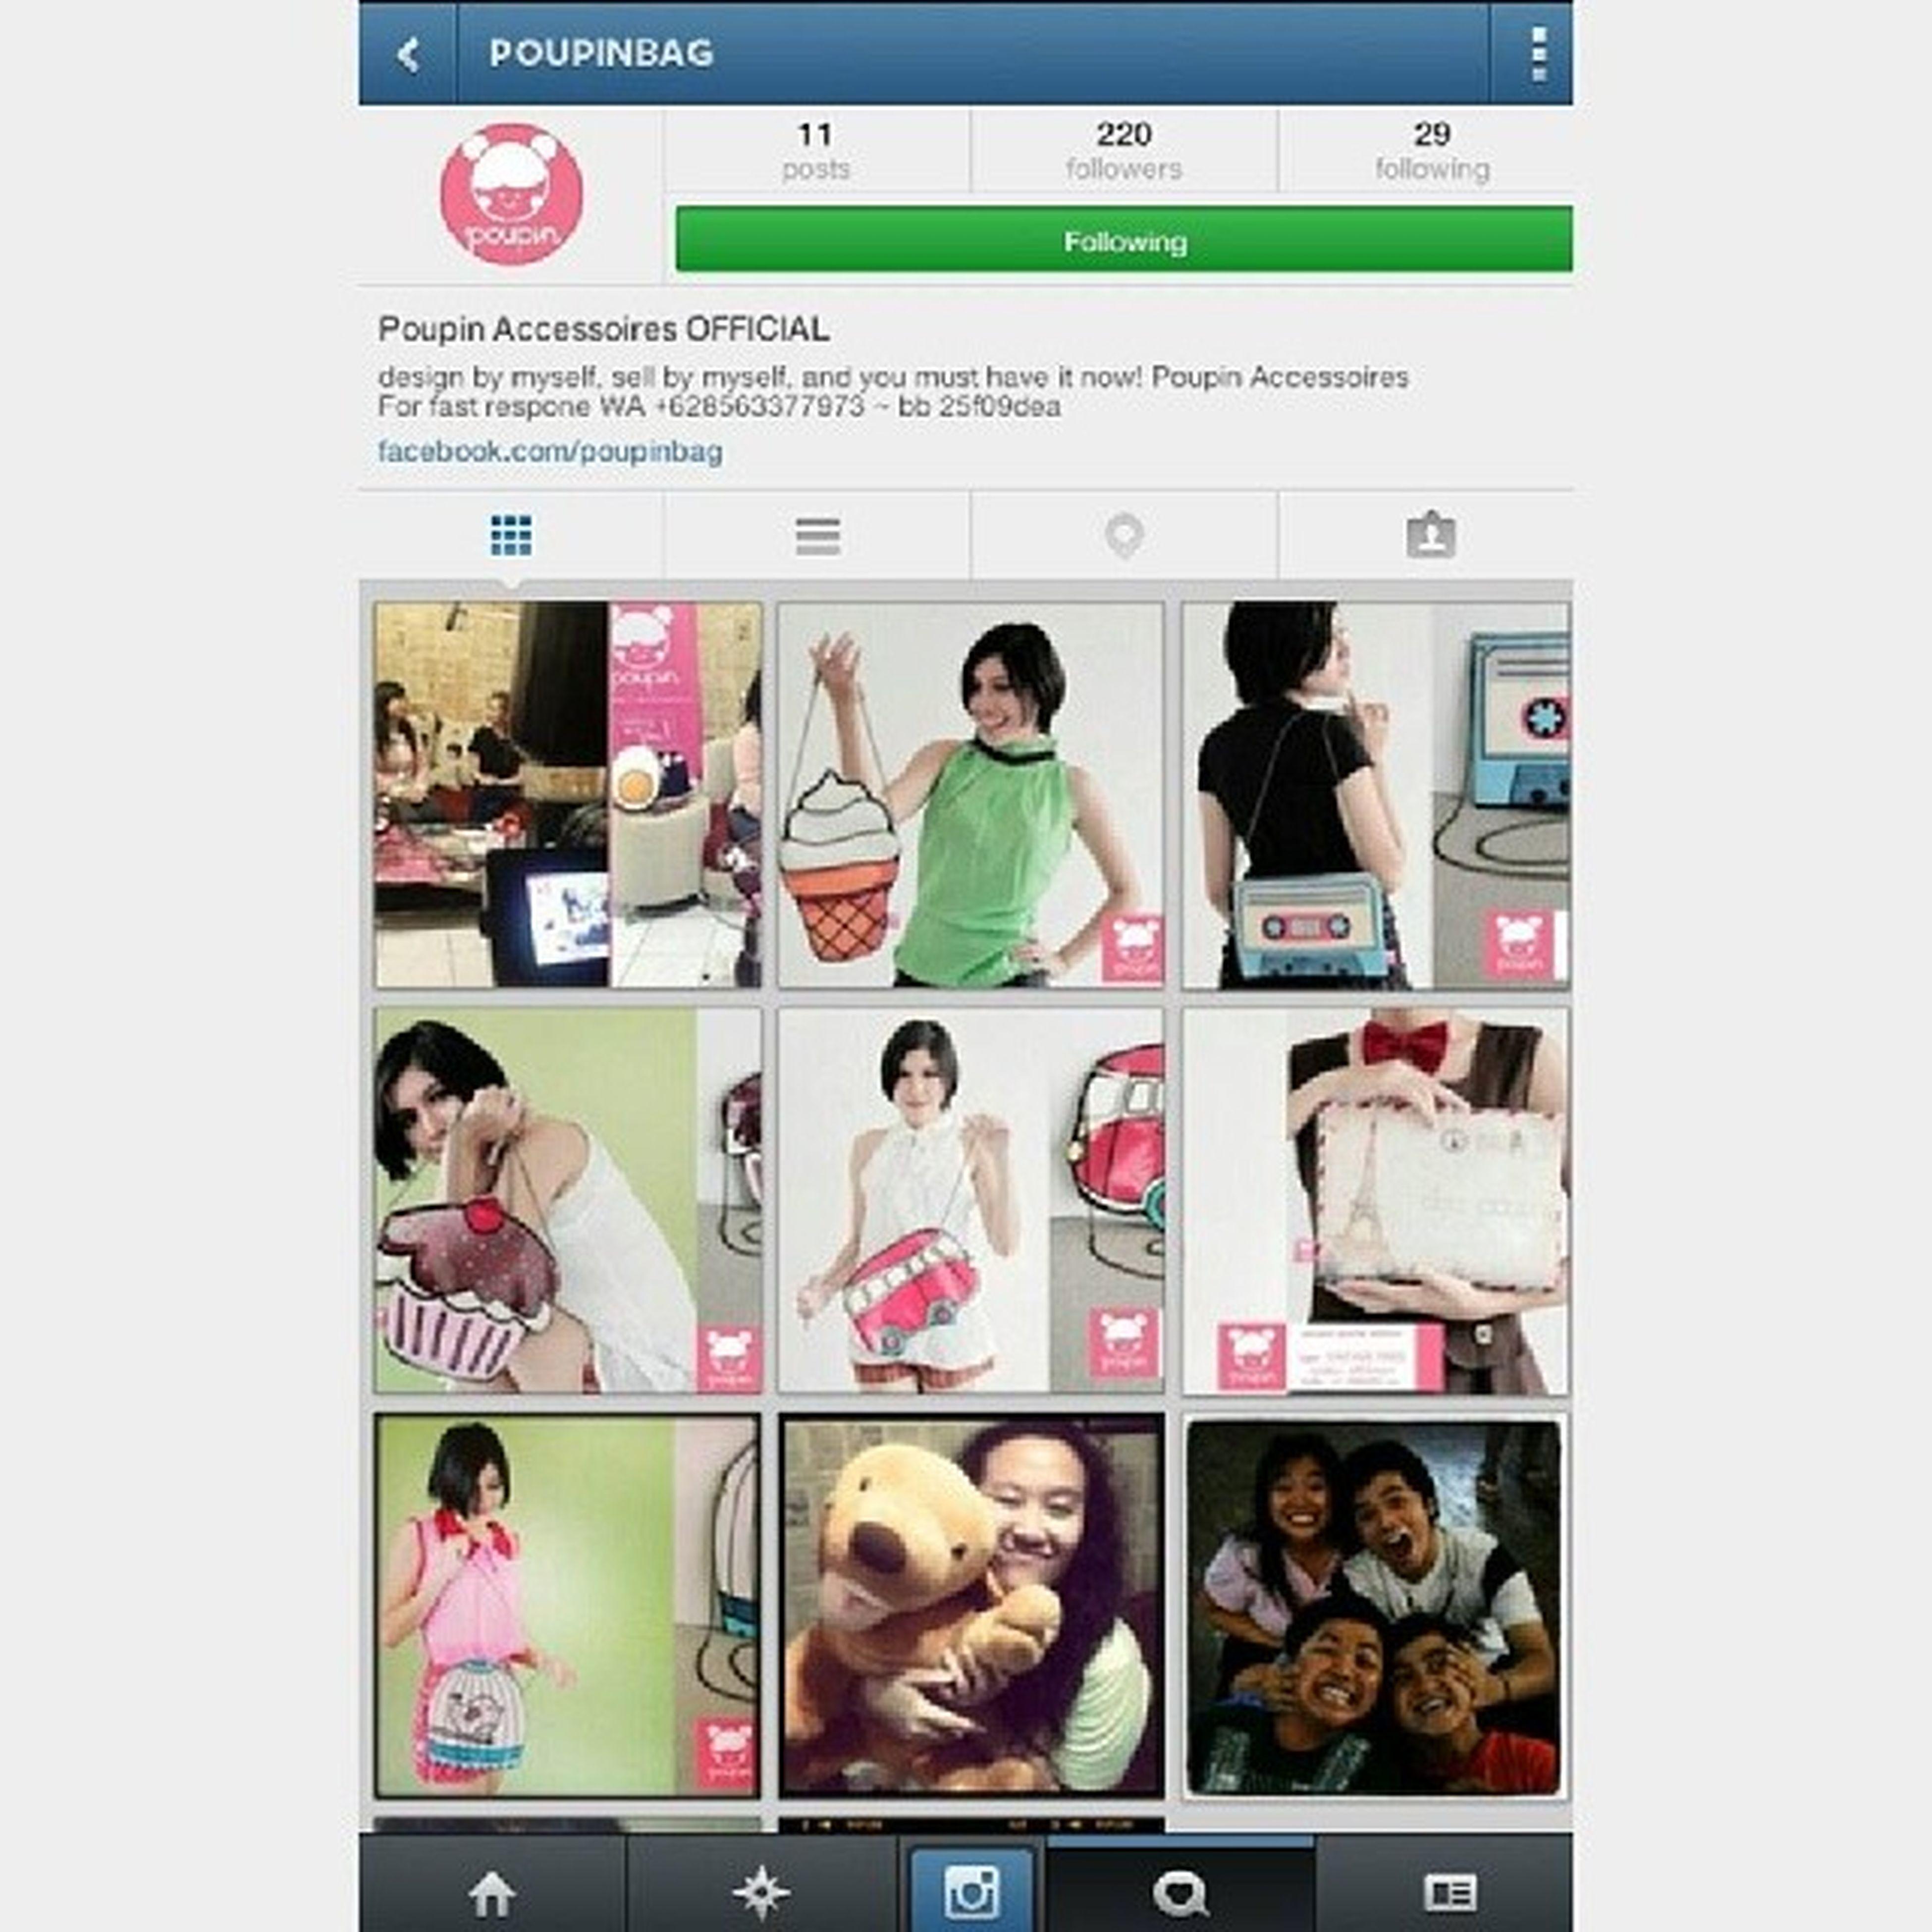 Yang suka sama tas tas unyu dan beda dari yang lain, ayo follow akun instagram @poupinbag cek barang2 unyunya, pati beda sama yang lain. Happy shopping! Promote Poupinbag Cute Onlineshop